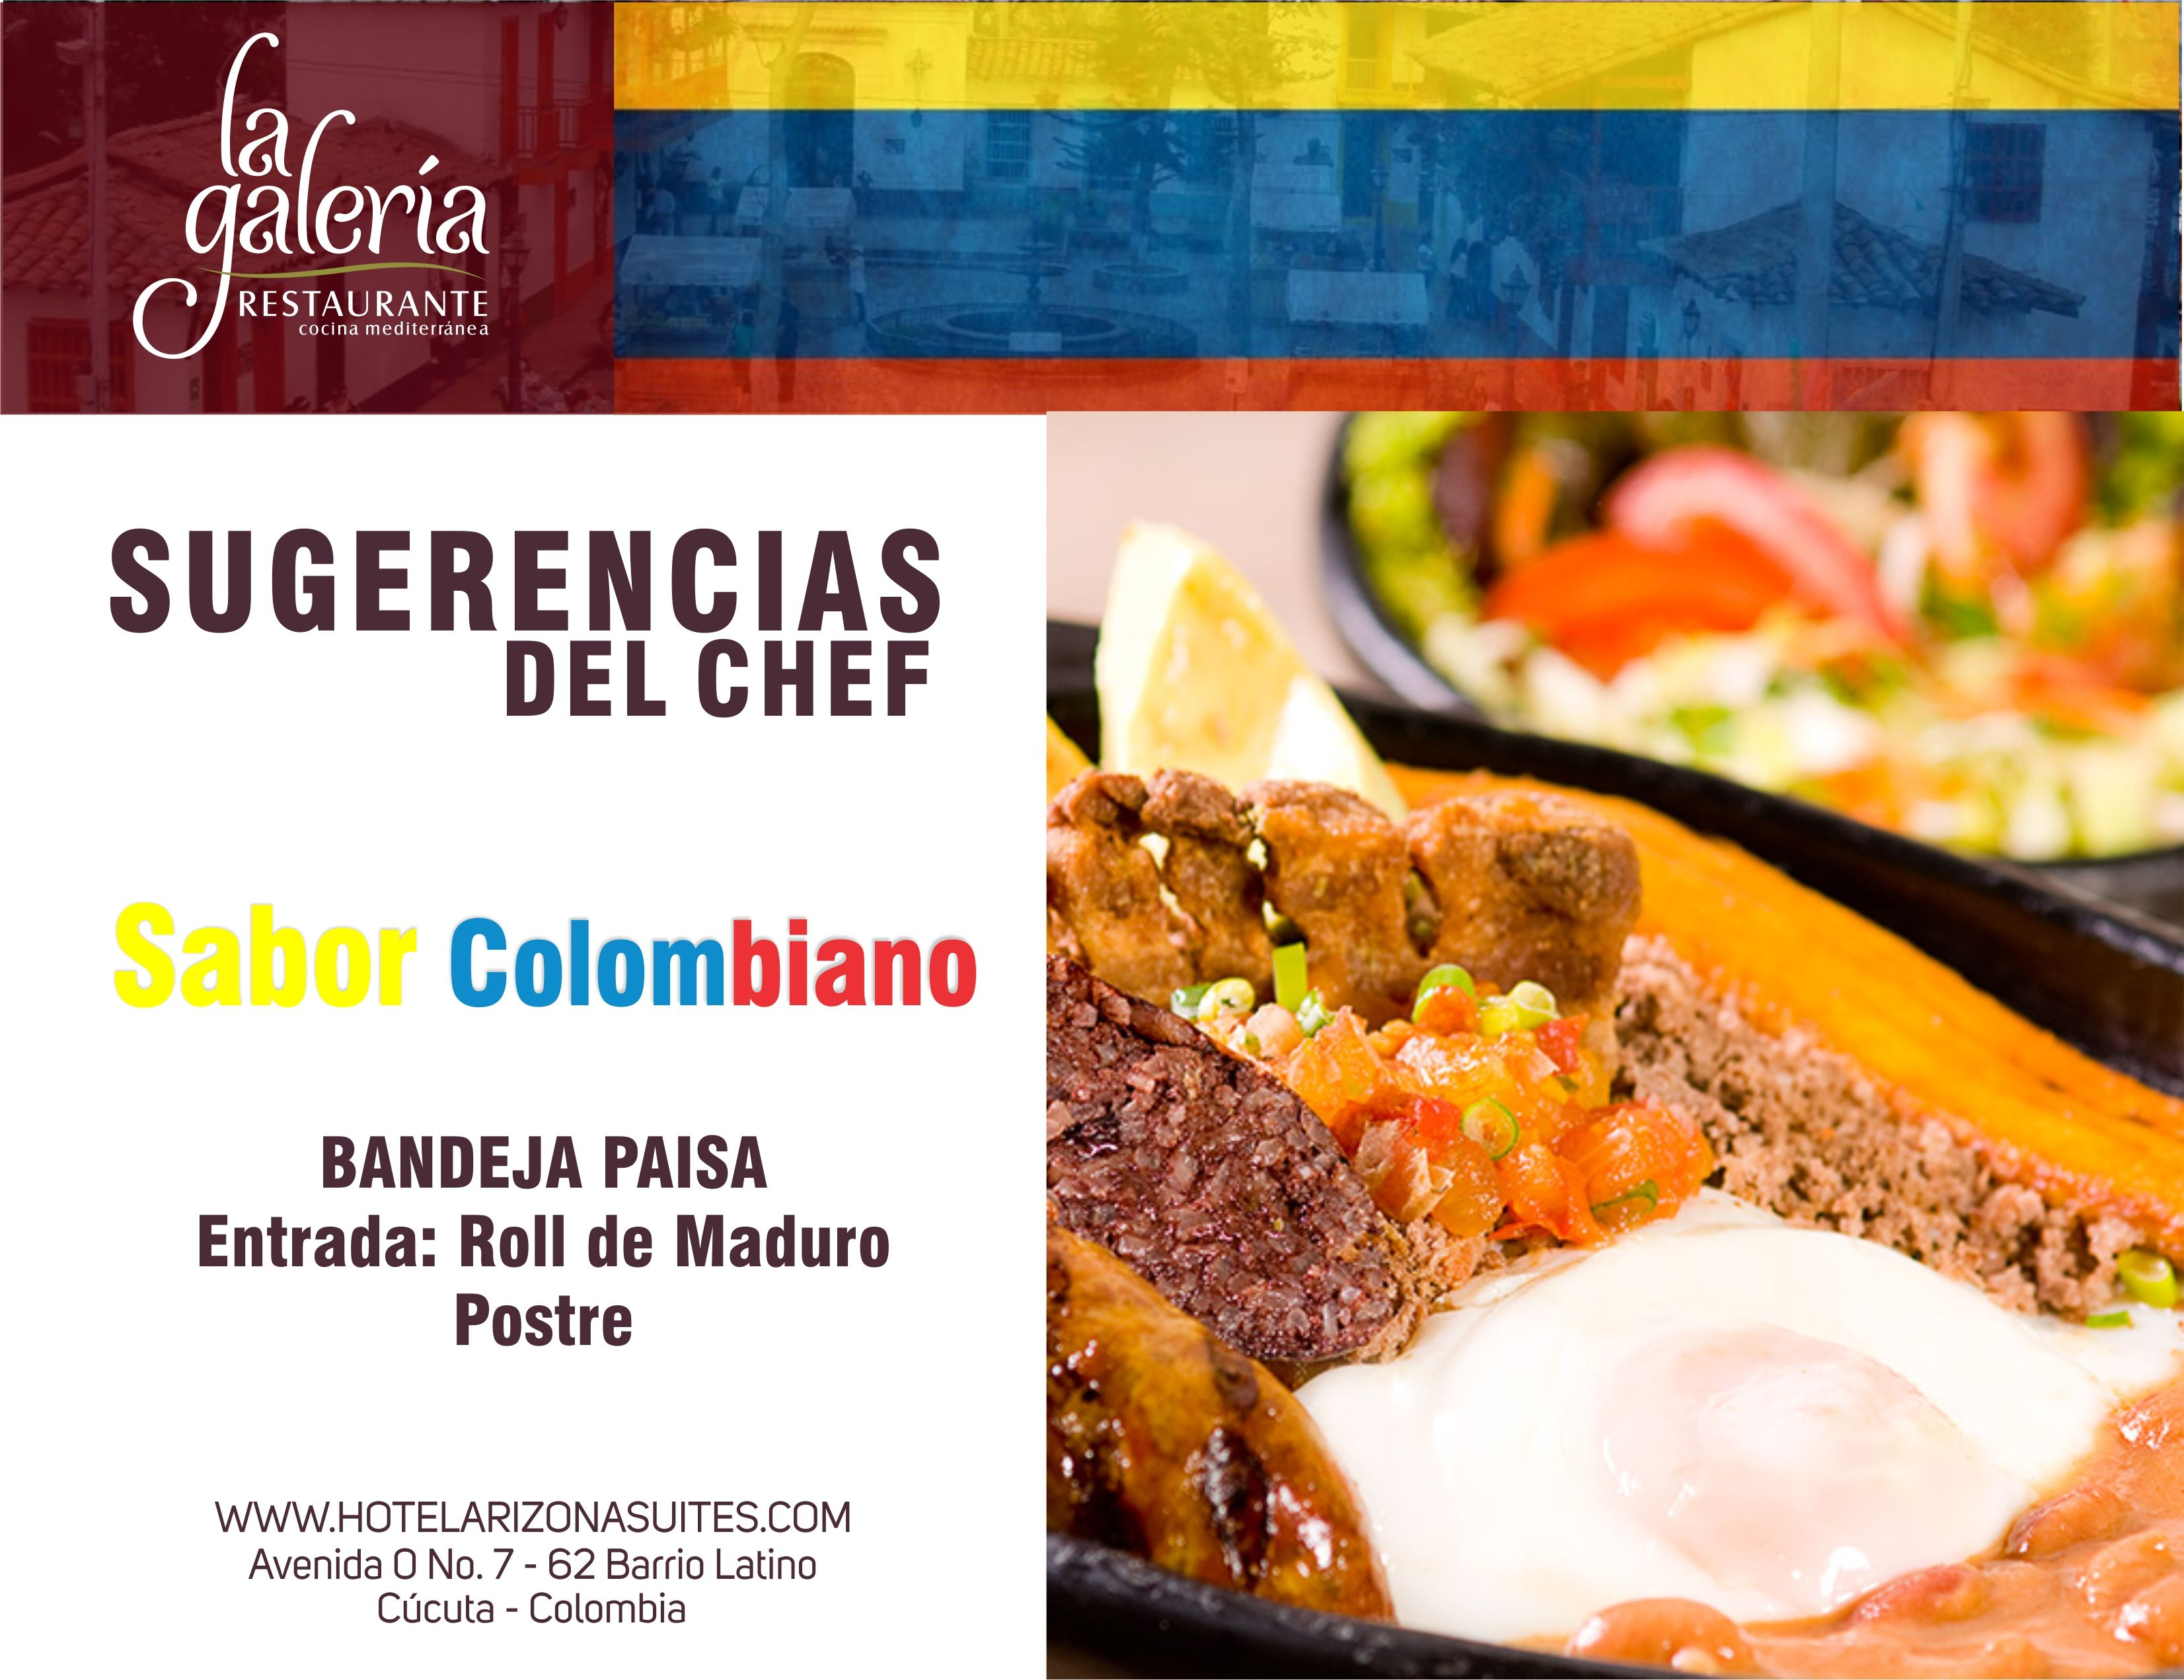 Que delicia nada mejor que el sabor de nuestra #Colombia disfruta en el Restaurante la Galería la sugerencia del chef, hoy #BandejaPaisa te esperamos en la Av 0 # 7 - 62 Barrio Latino #cucuta